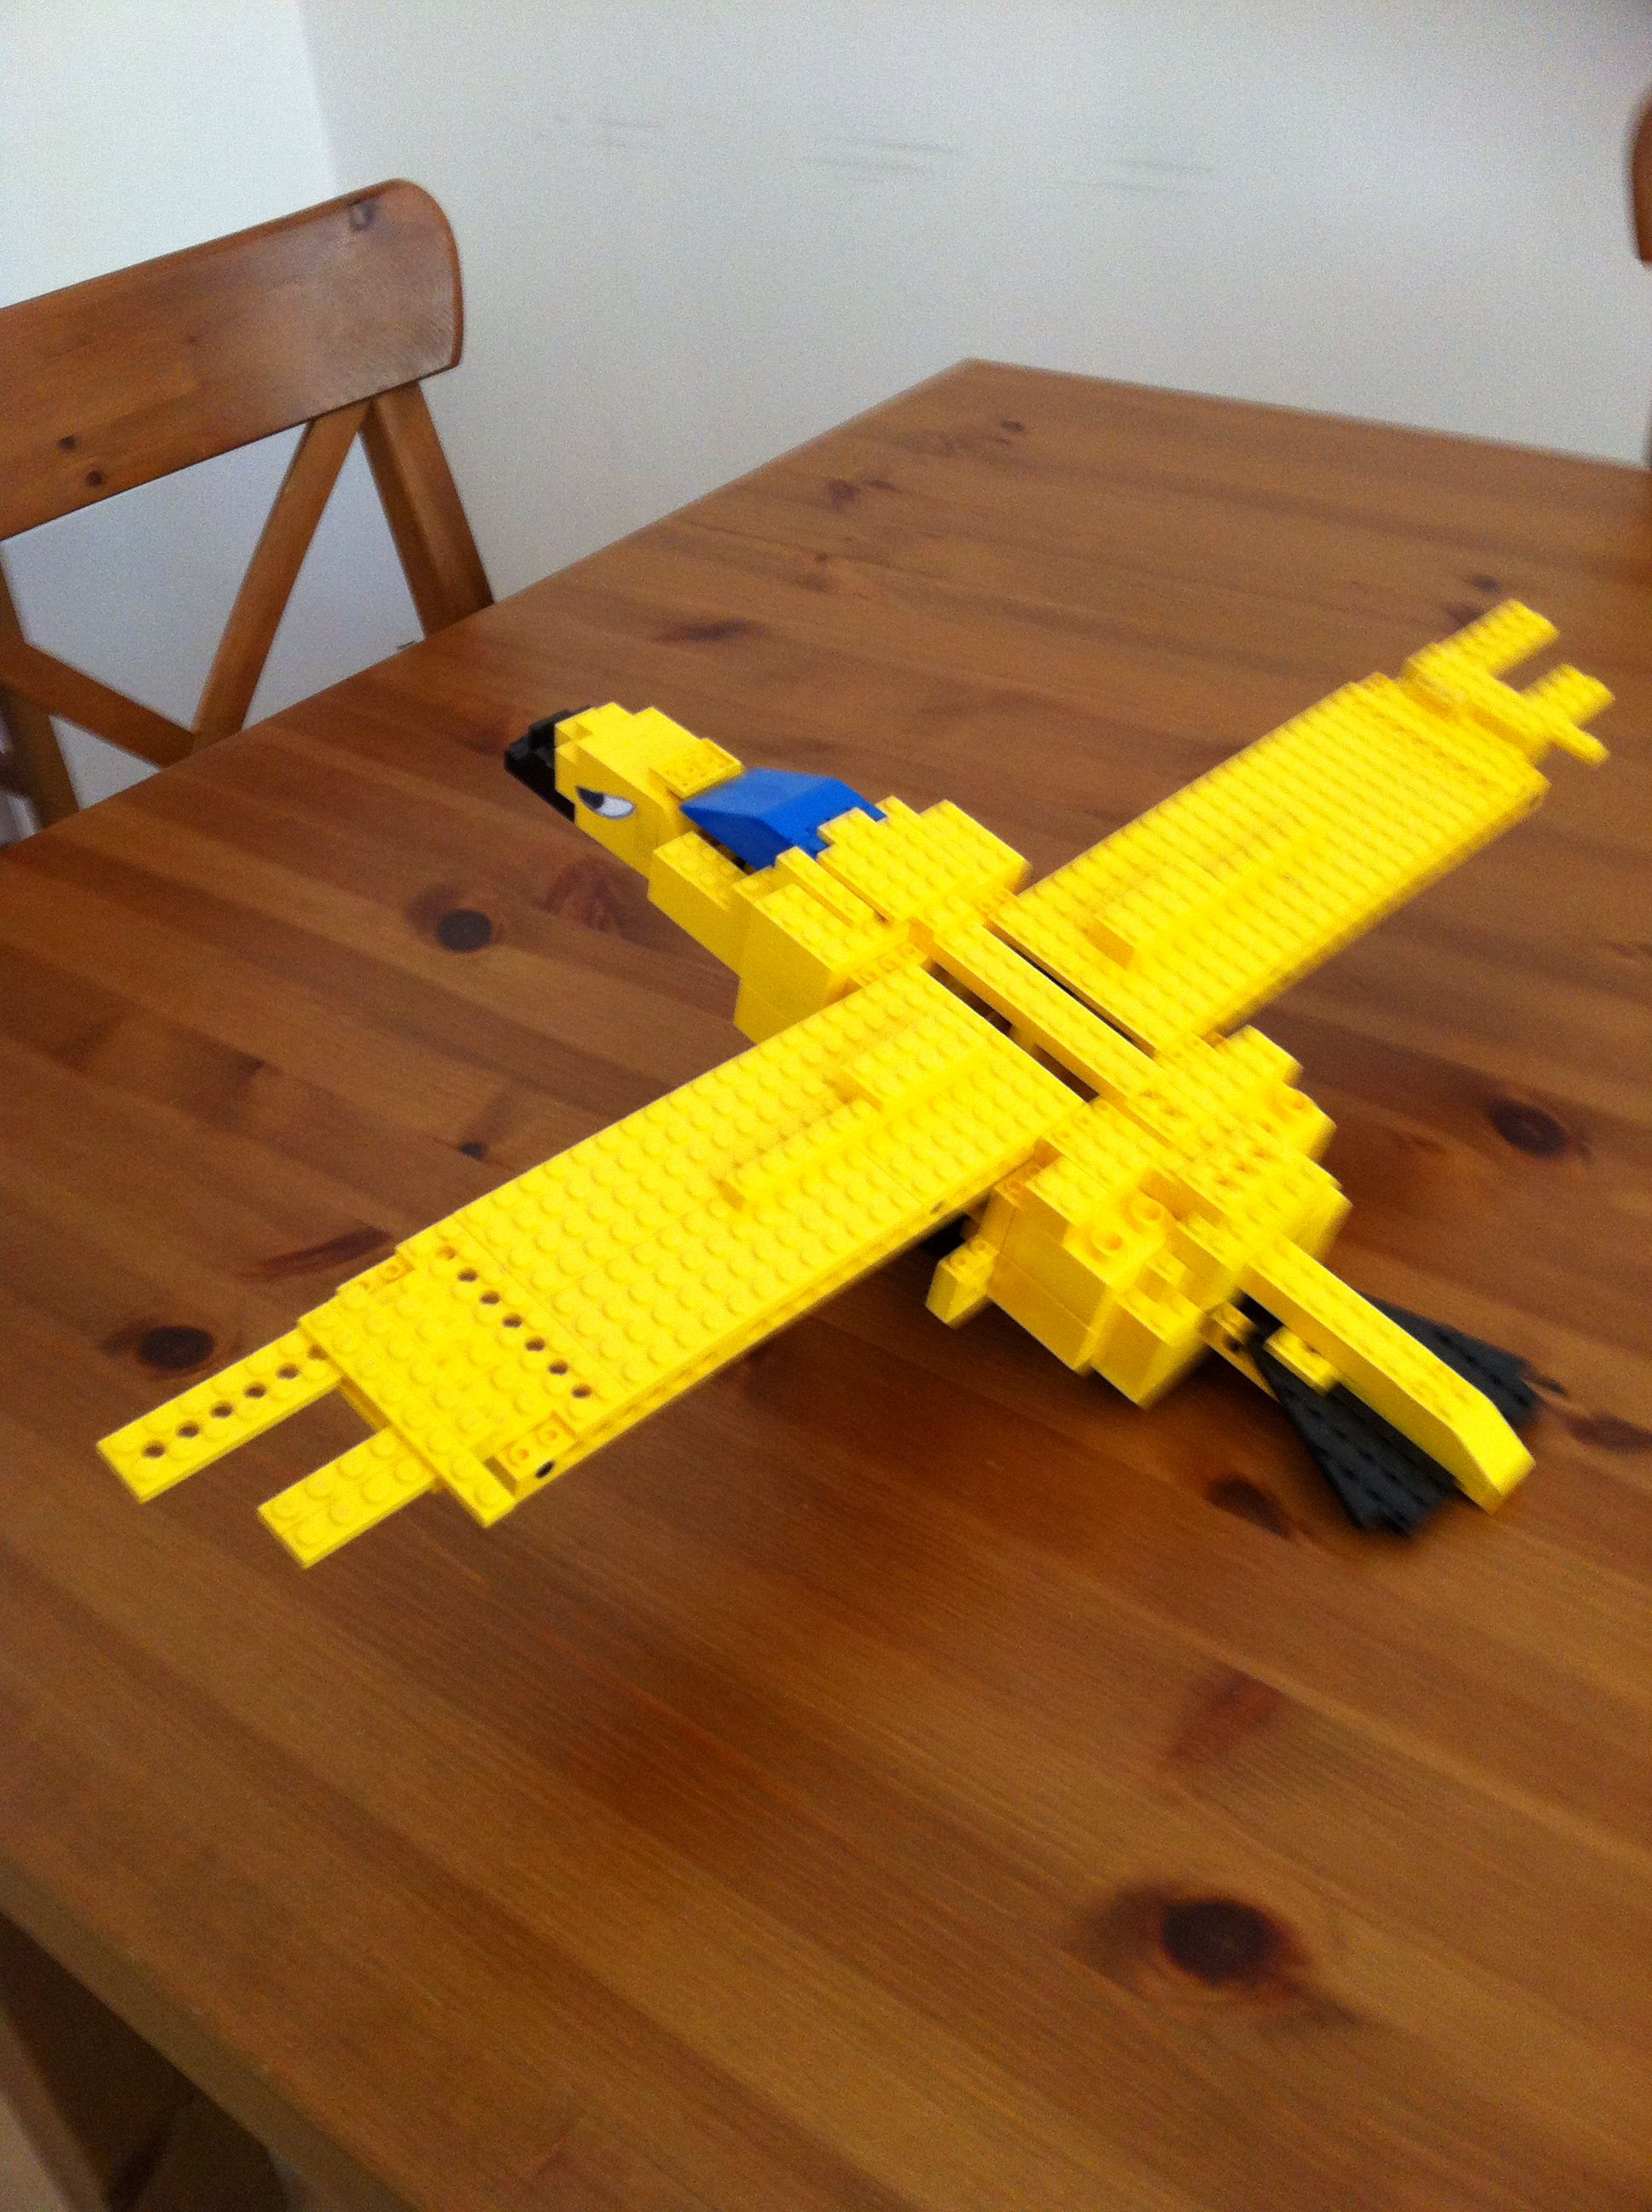 jouets Grand Grand CondorLegos Lego Lego LVzjqSMpUG